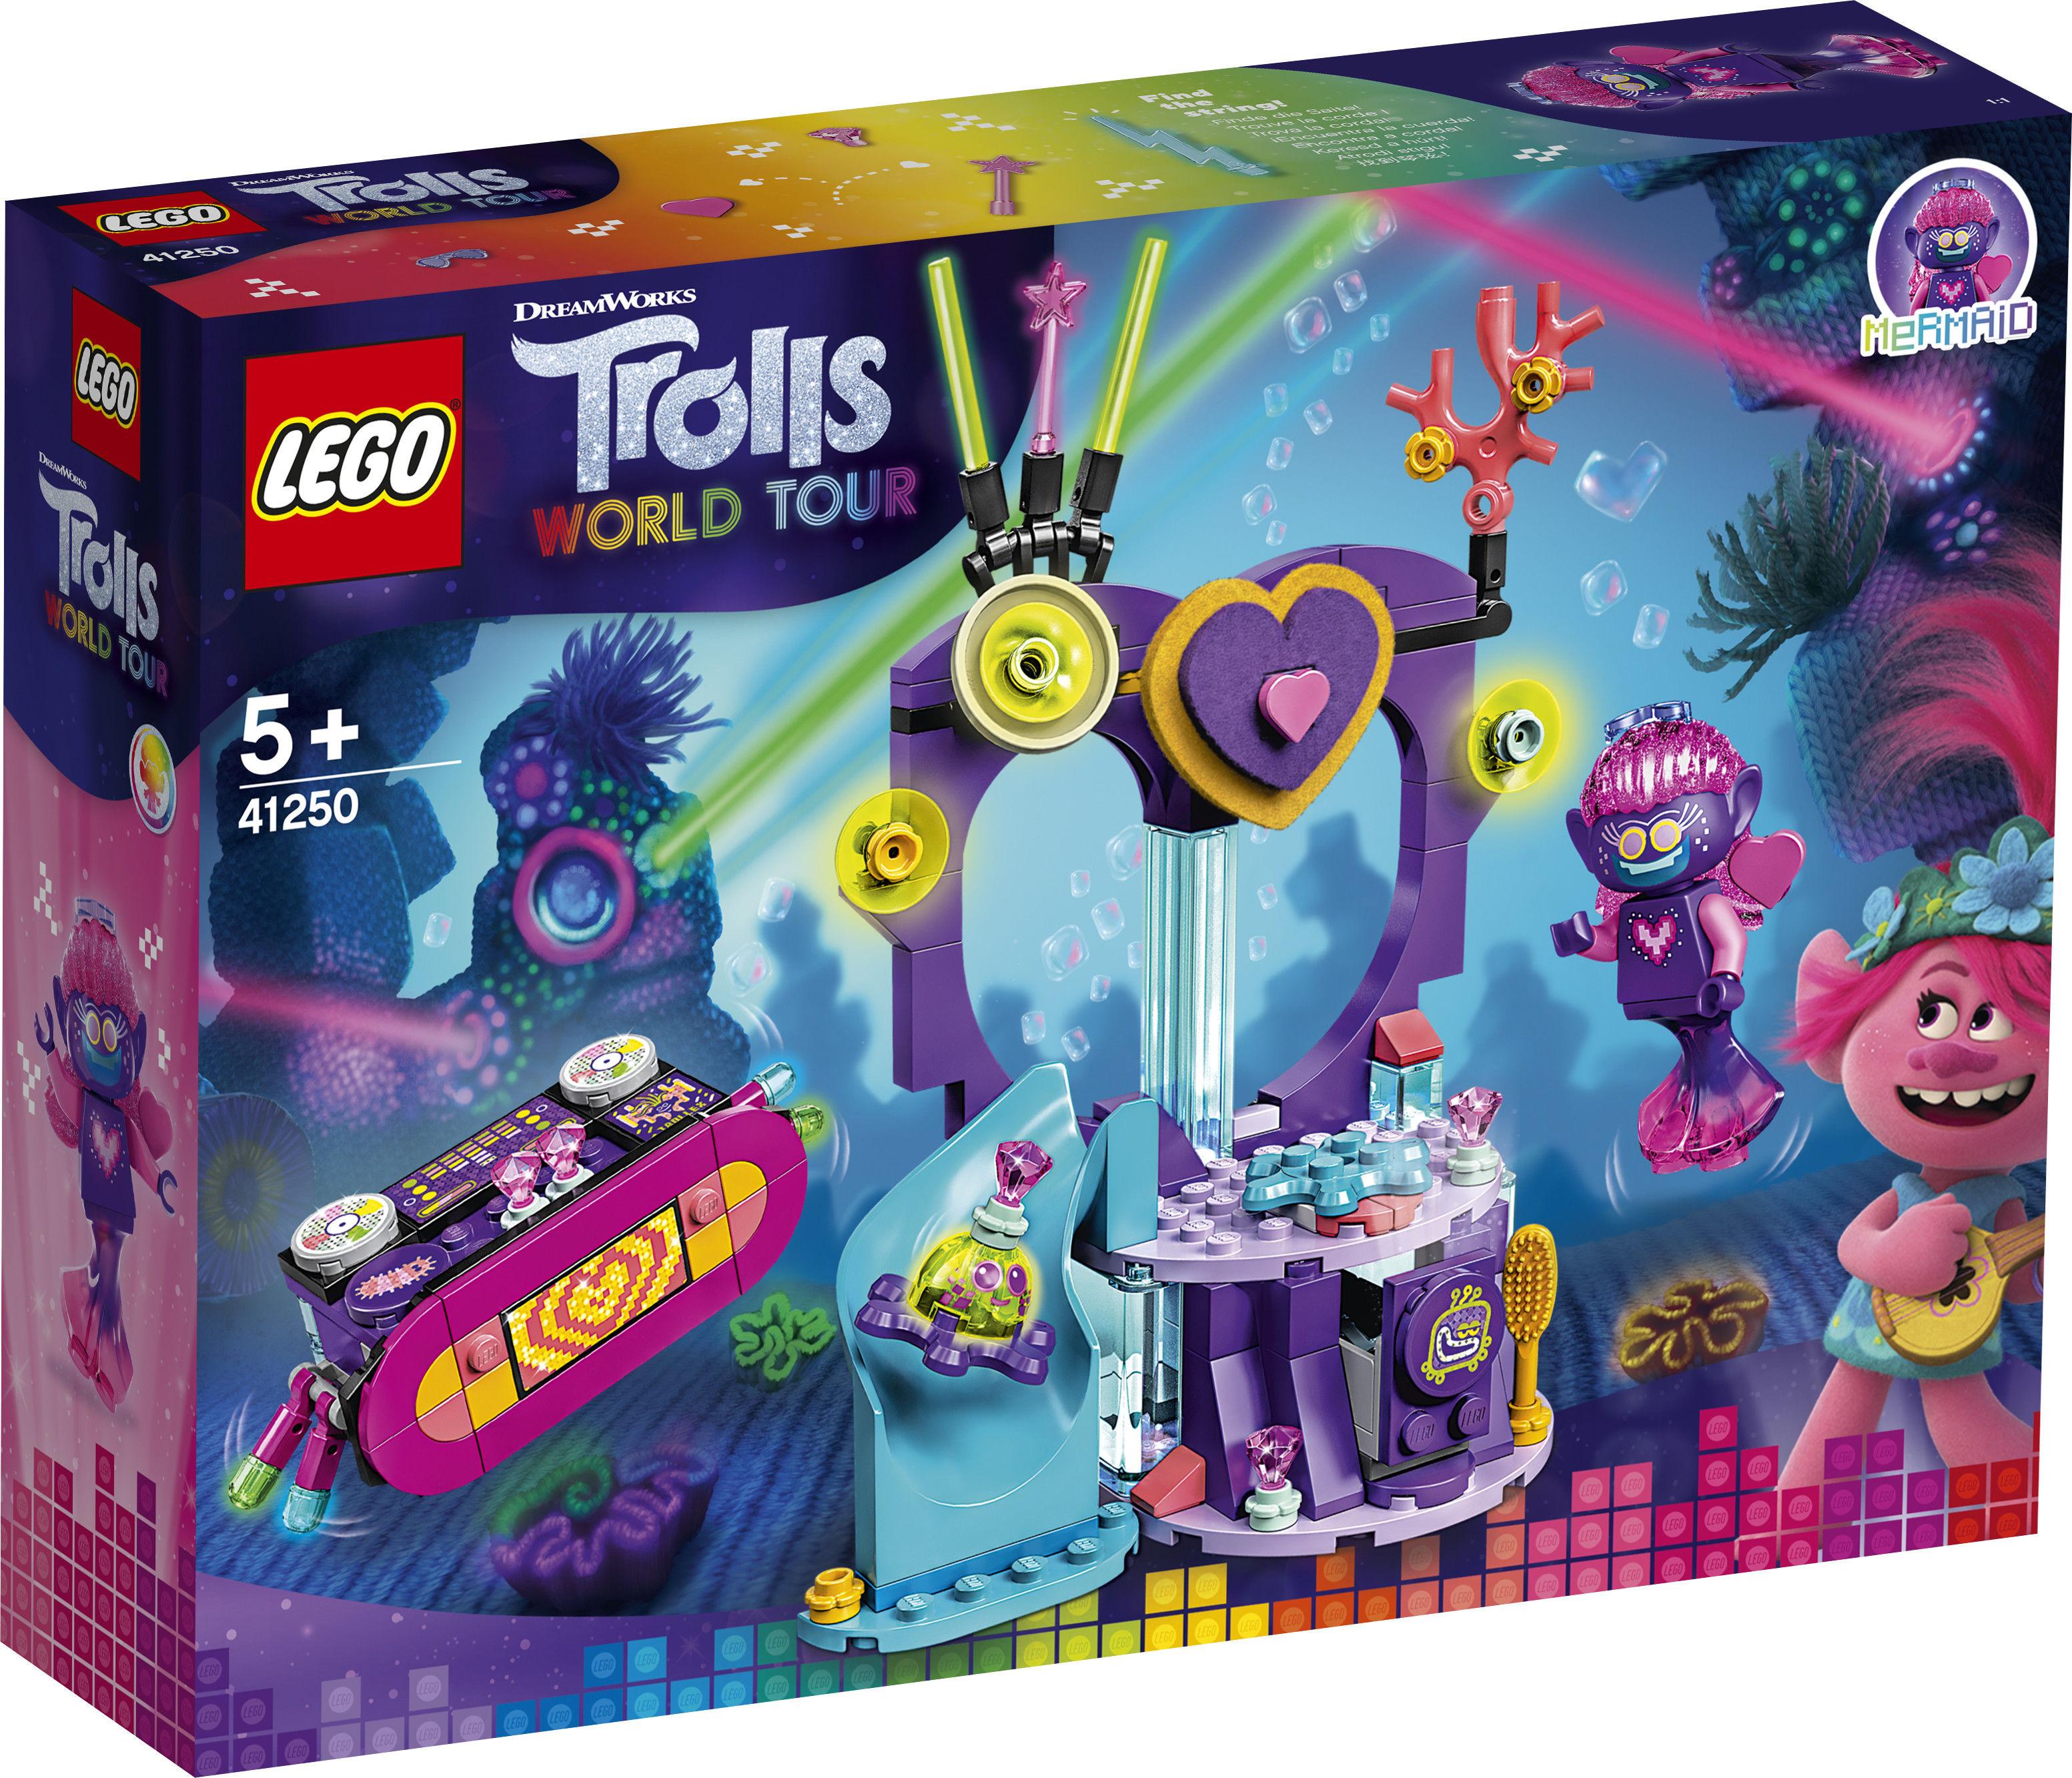 Zestaw Lego Trolls World Tour 5+ Impreza techno na rafie